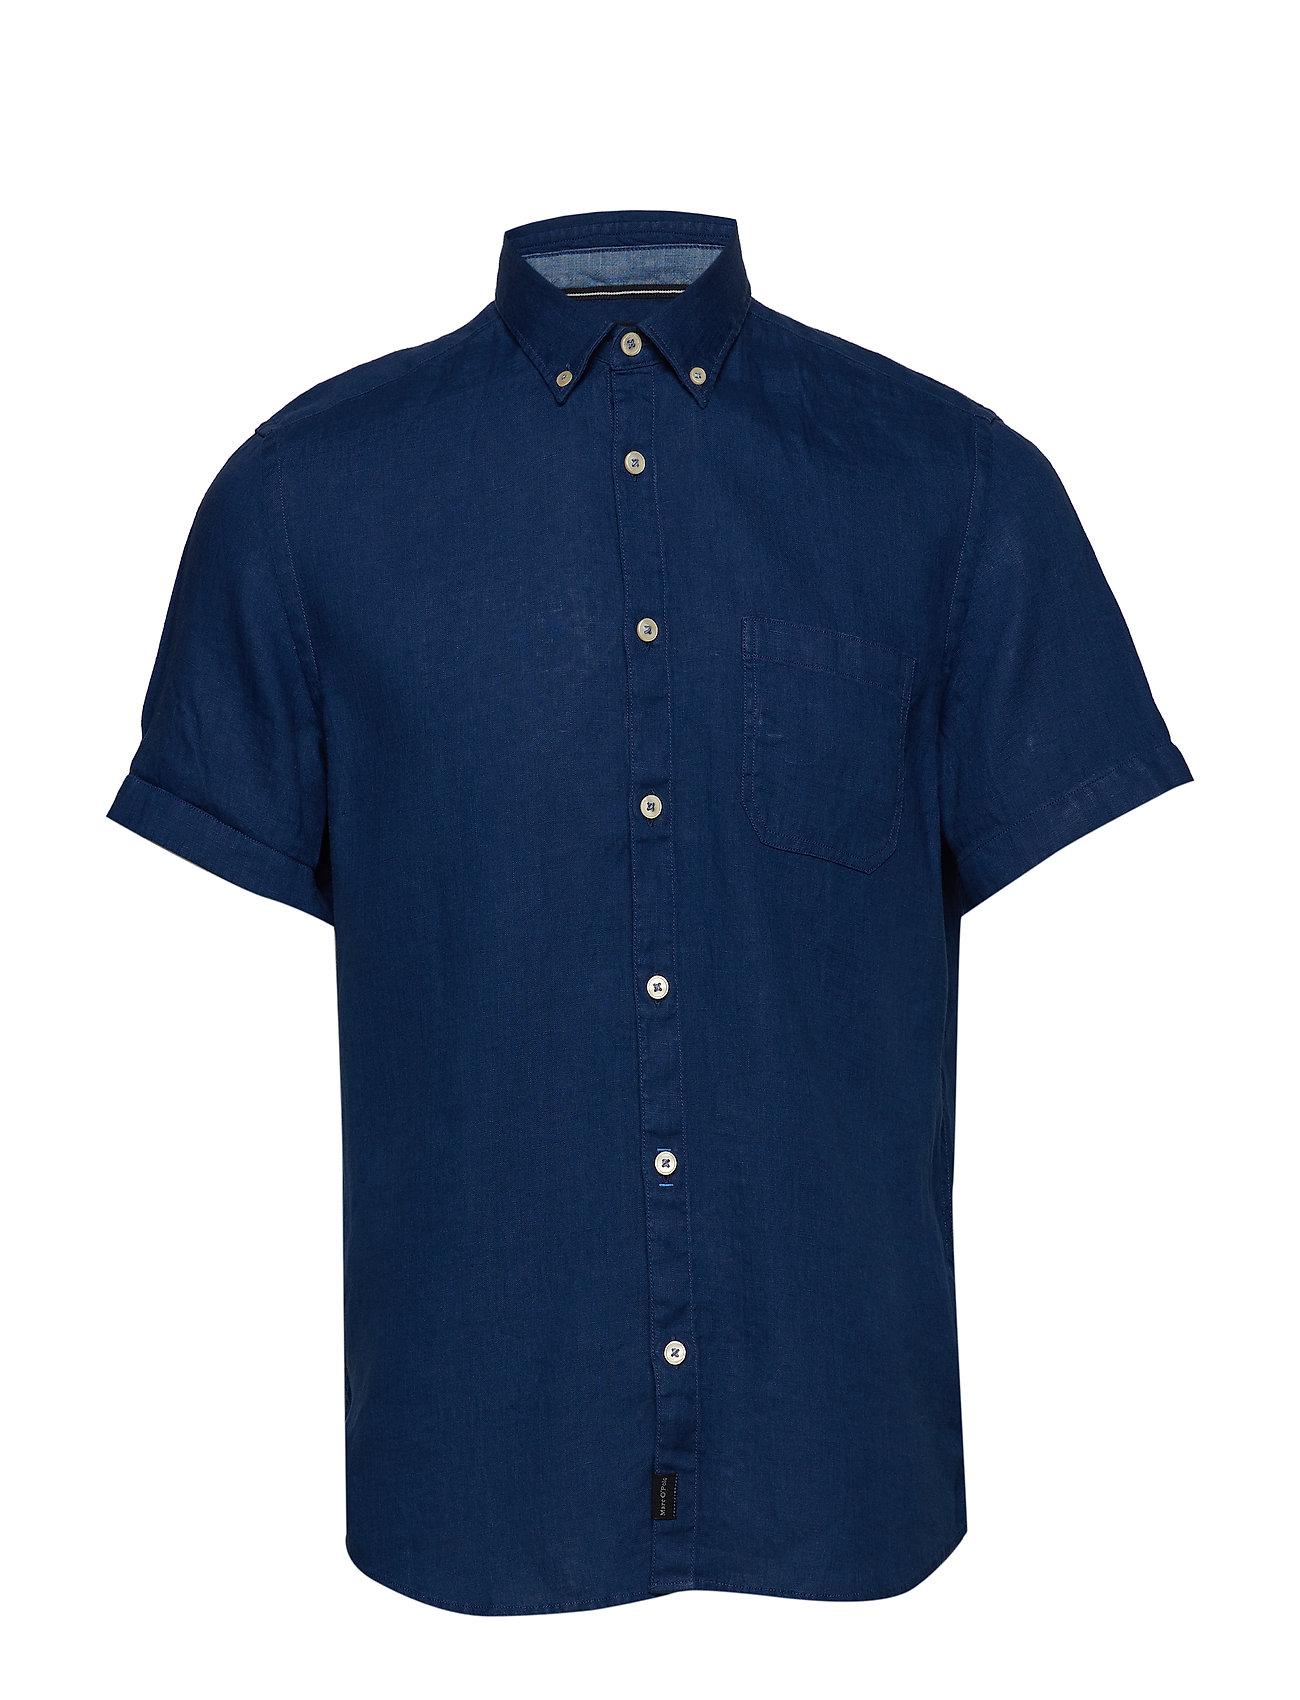 Marc O'Polo Shirt - ESTATE BLUE